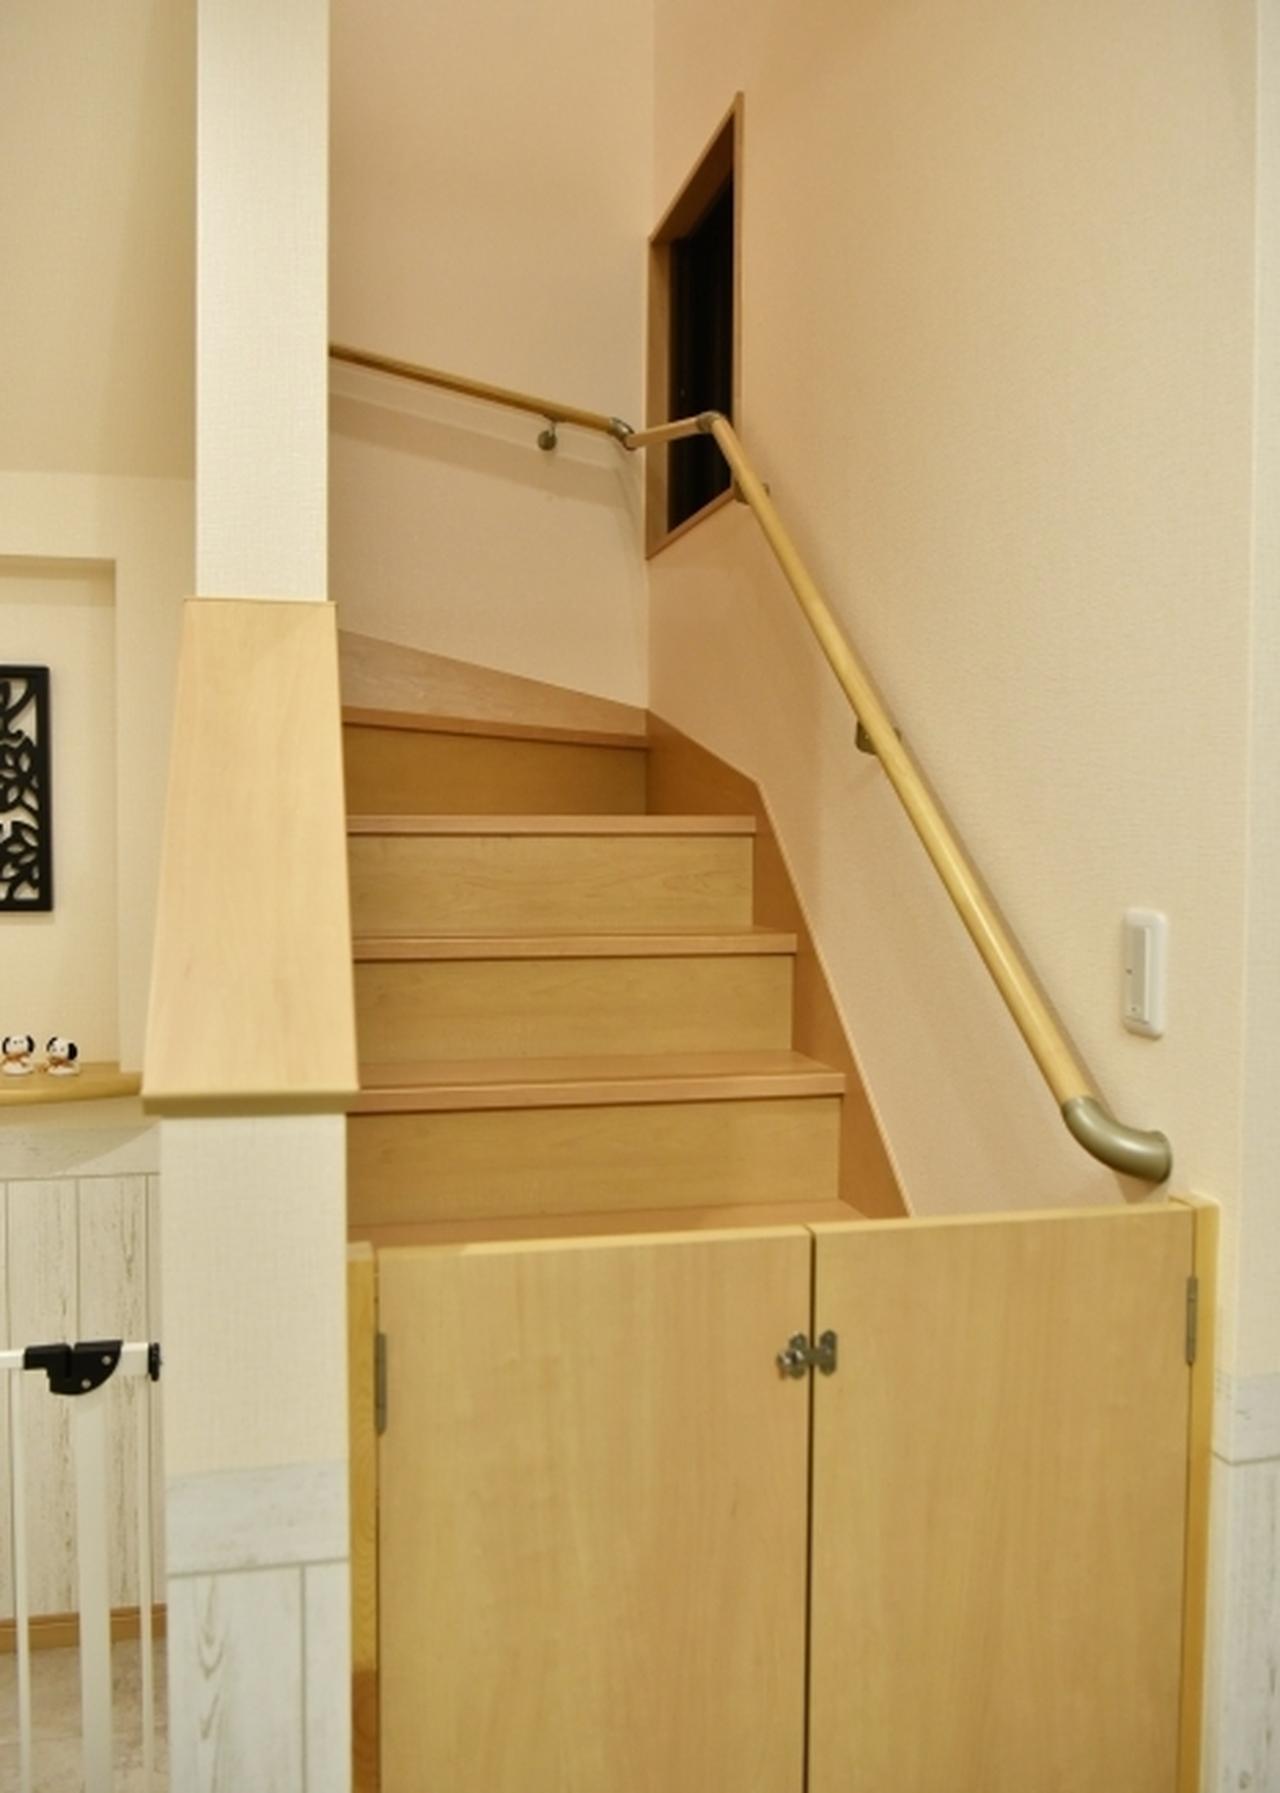 画像: 二階に行く階段には、ワンちゃんが行かないよう鍵付きの扉が☆